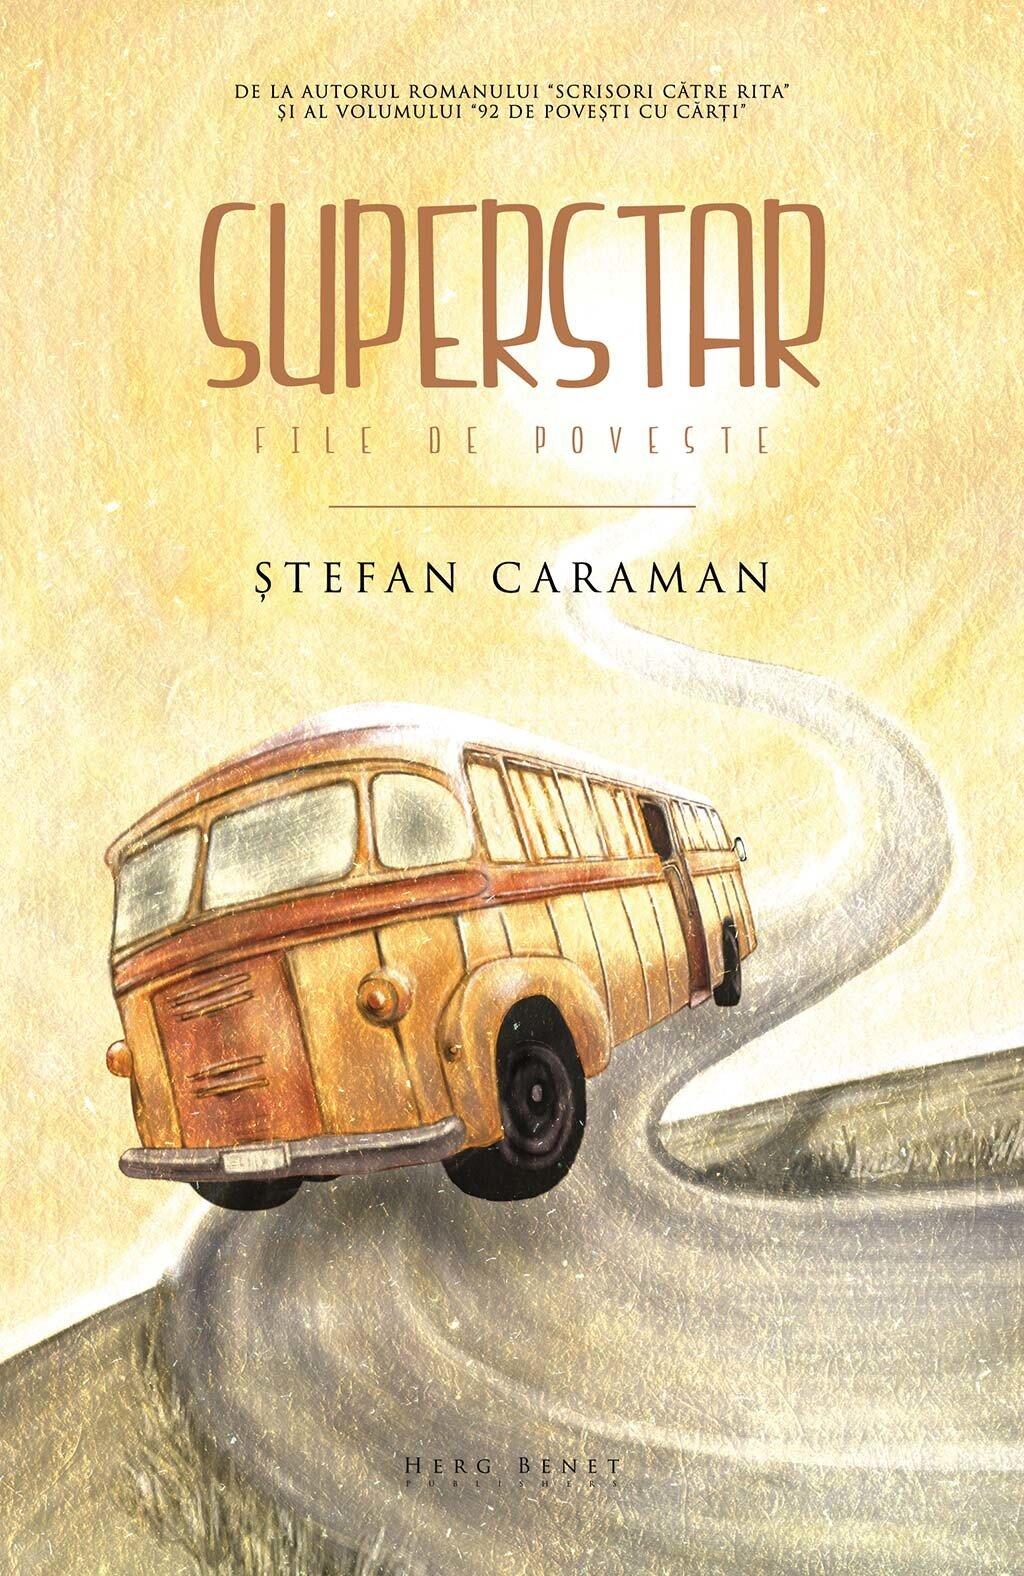 Superstar. File de poveste (eBook)